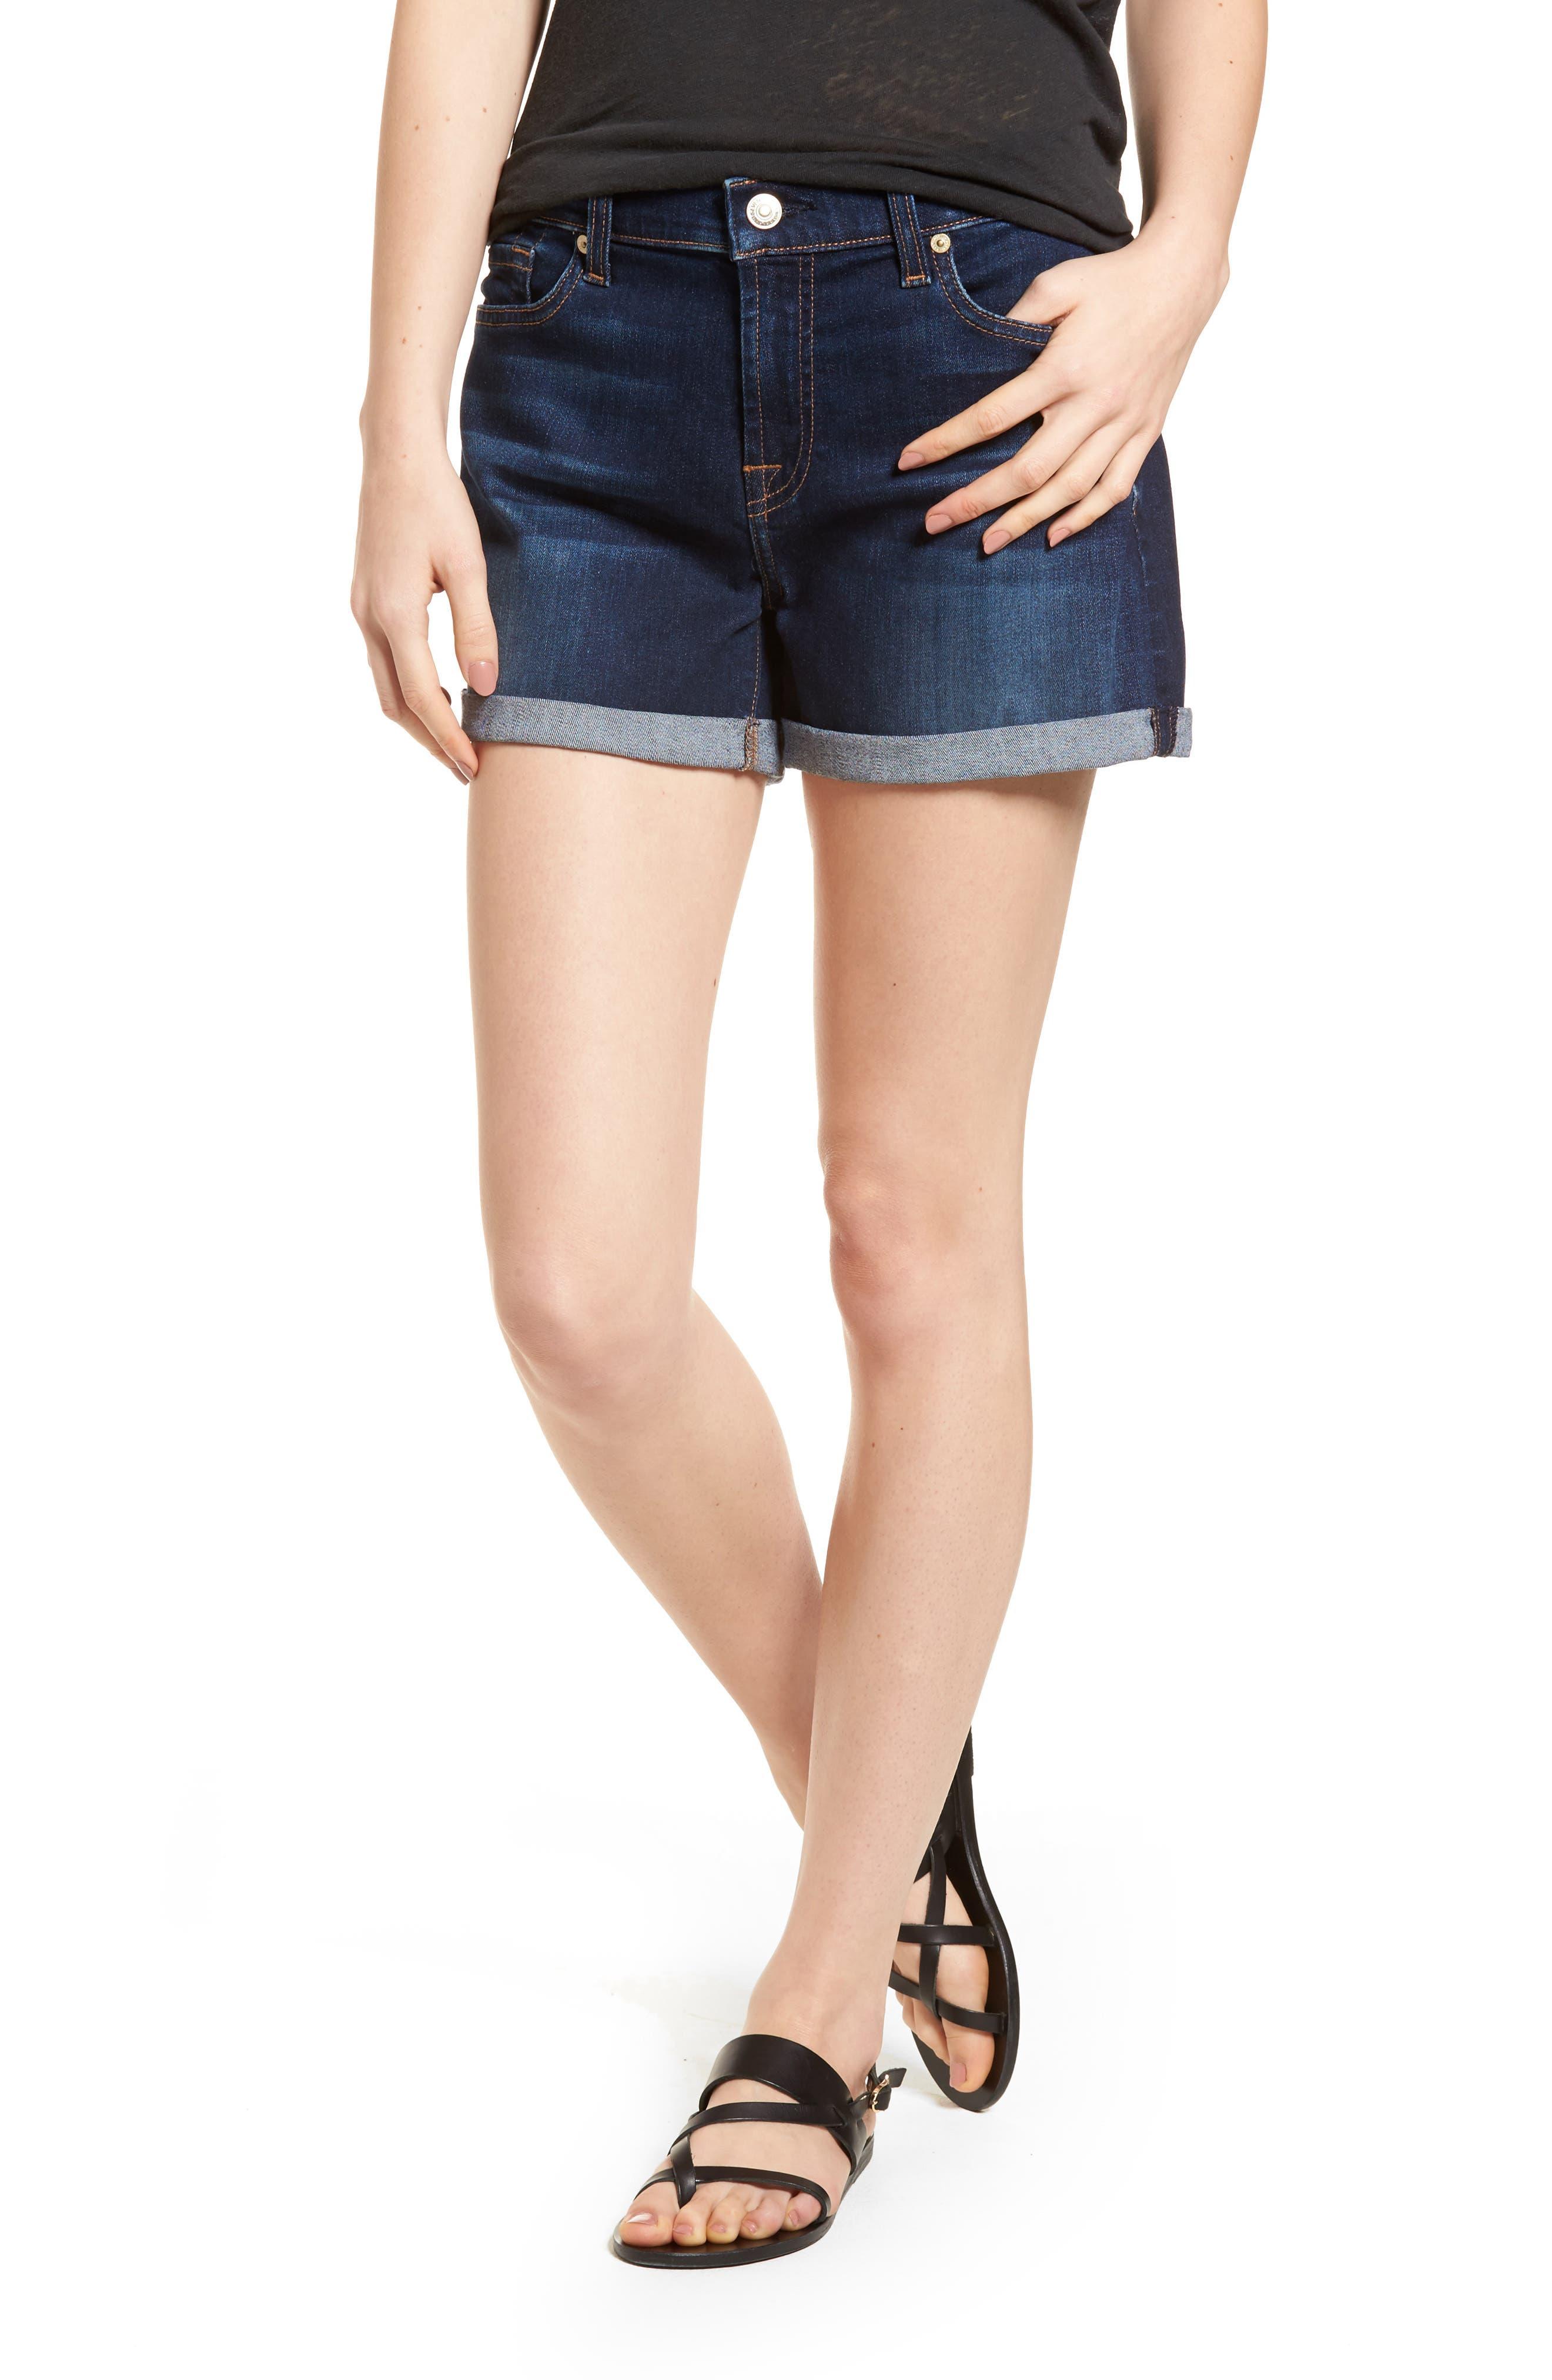 b(air) Cuffed Denim Shorts,                         Main,                         color, MORENO